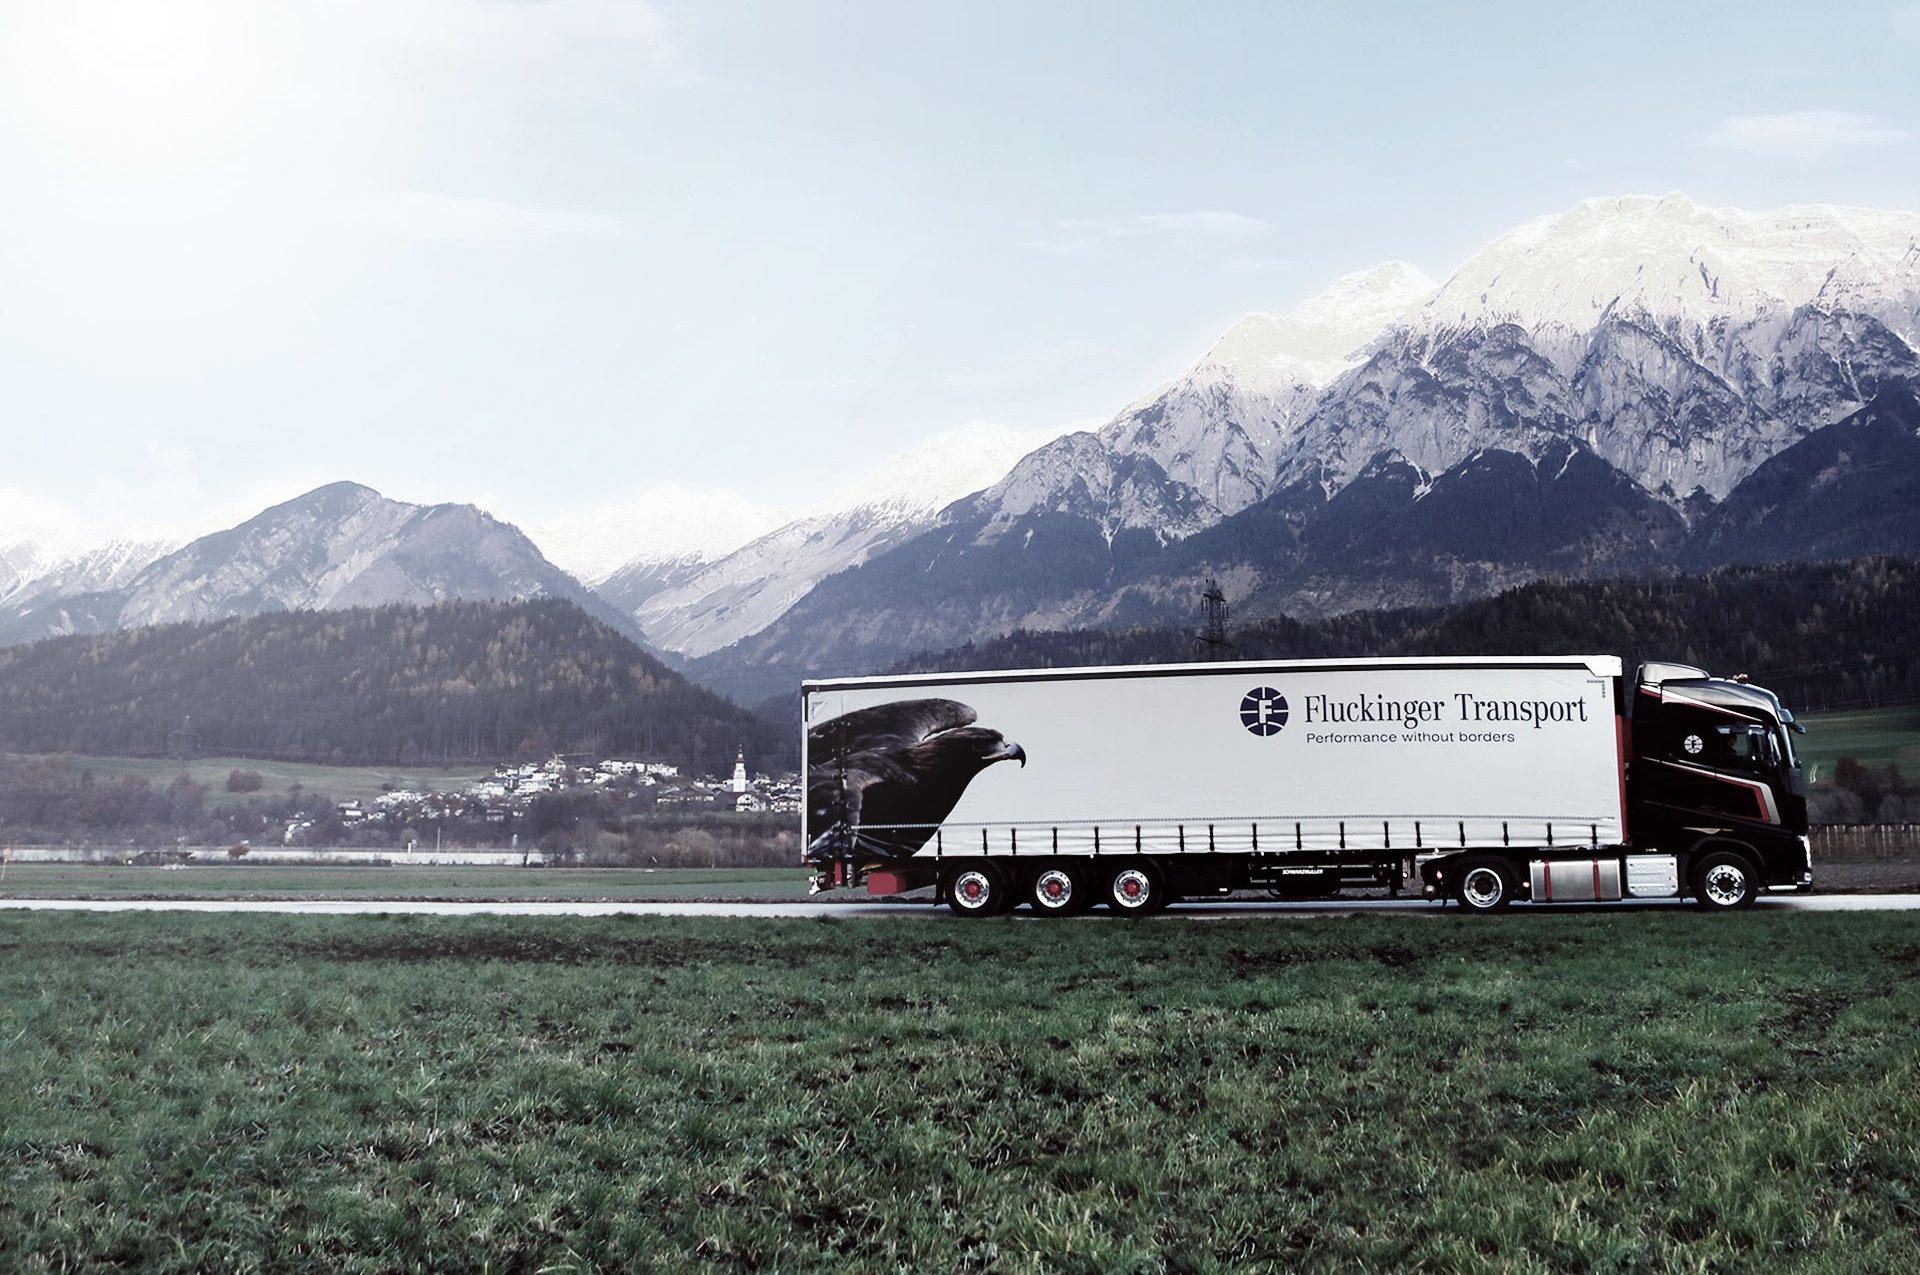 Fluckinger Transport LKW auf der Straße in Tirol